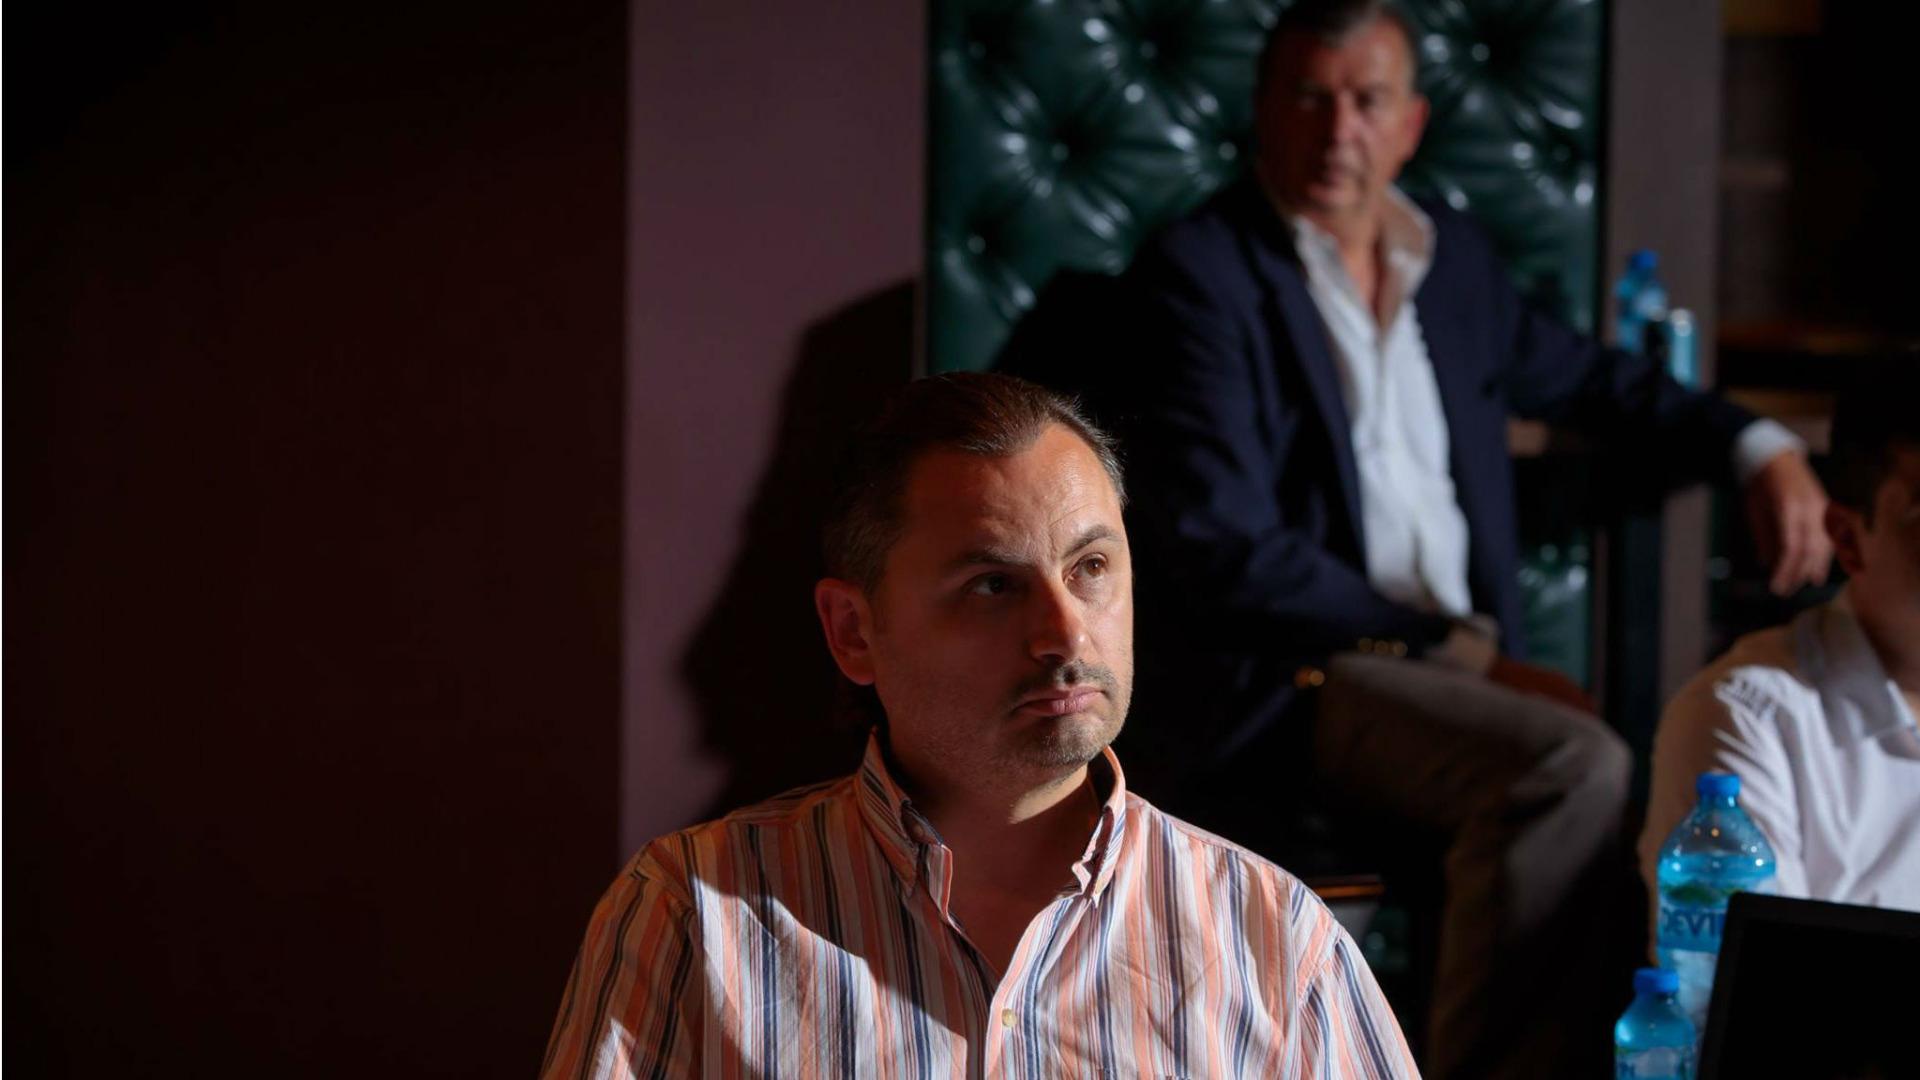 Невен Боянов и партньорът му Франк Флеминг по време на представянето на DivaCare